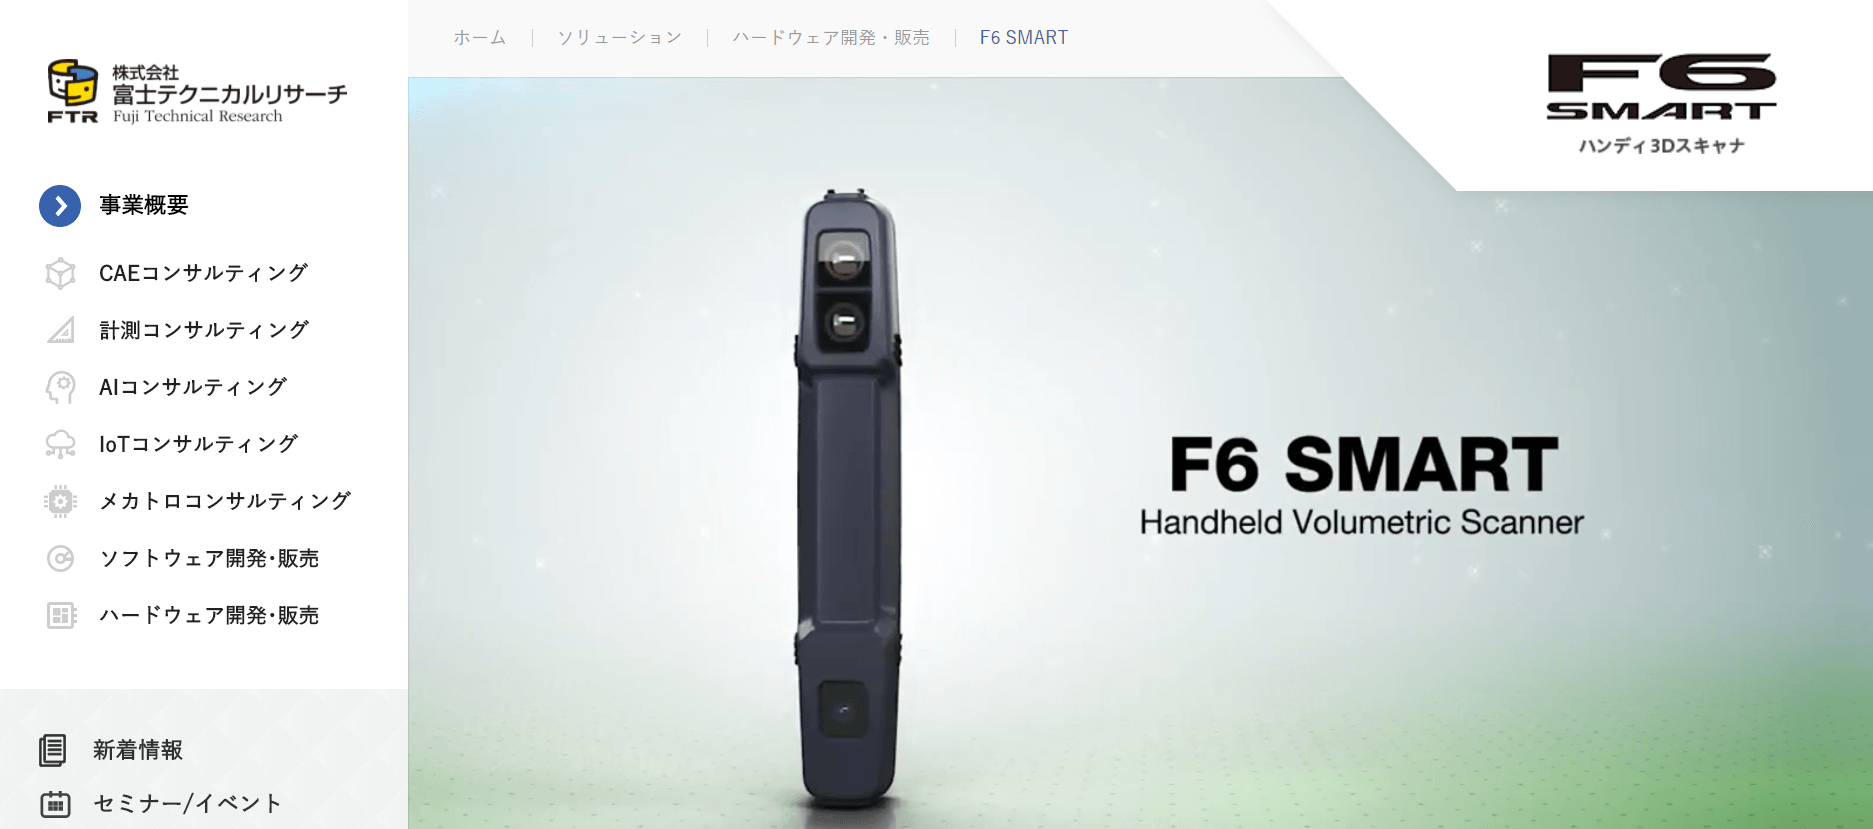 F6SMARTハンディ3Dスキャナ